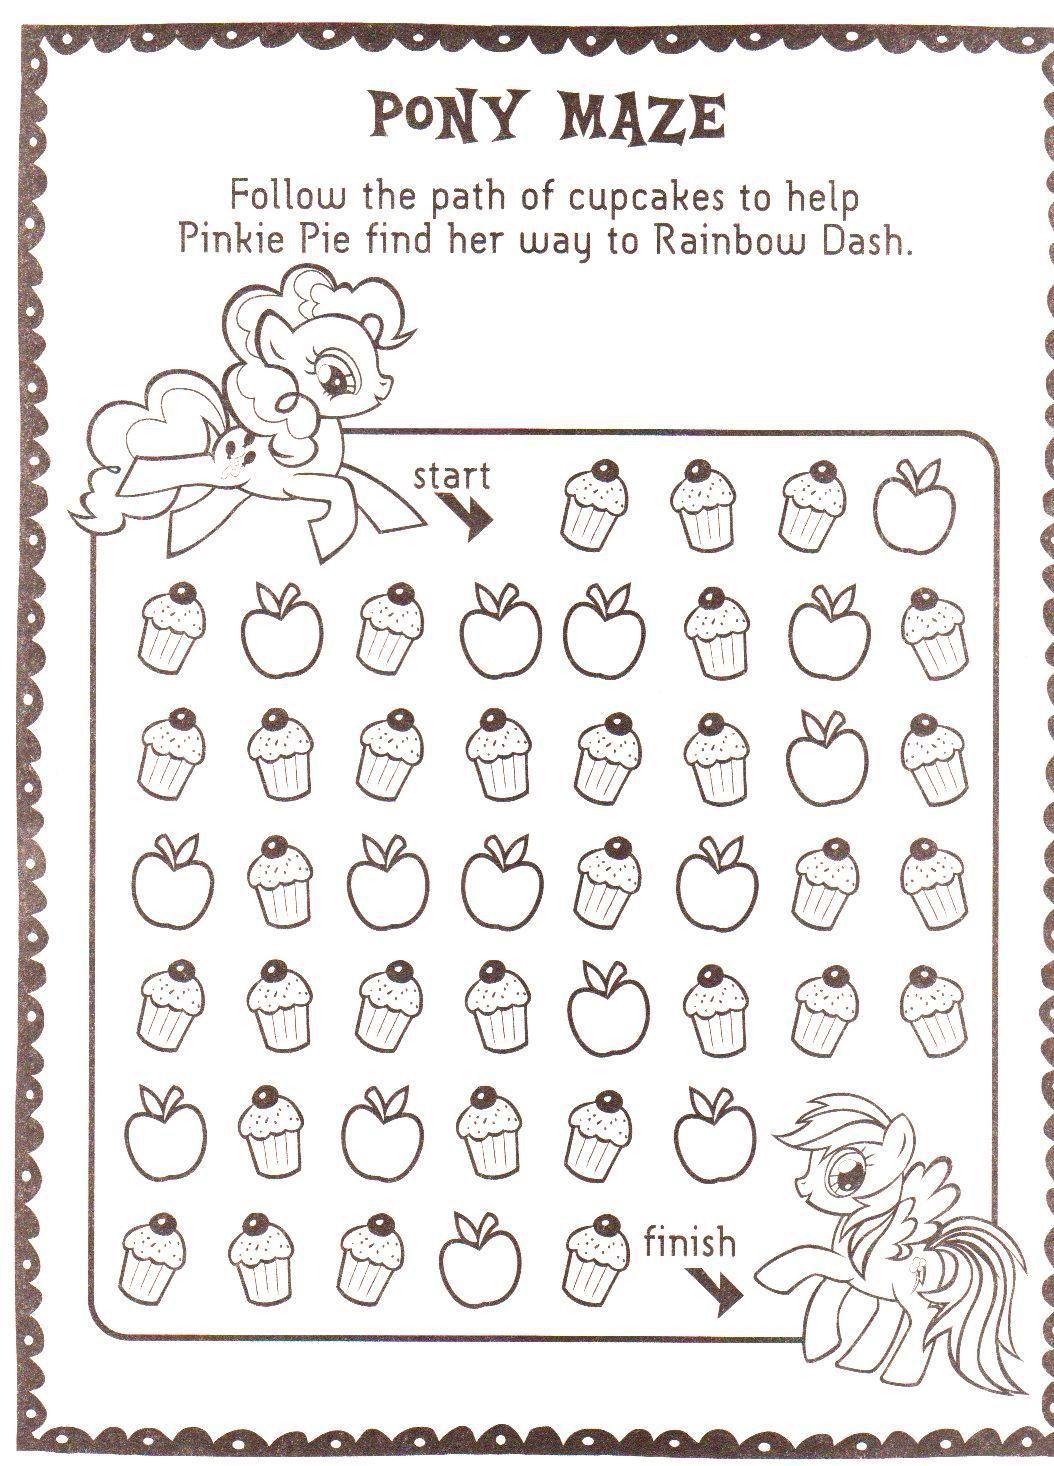 Pinkie Pie and Rainbow Dash cupcake maze | Pinterest